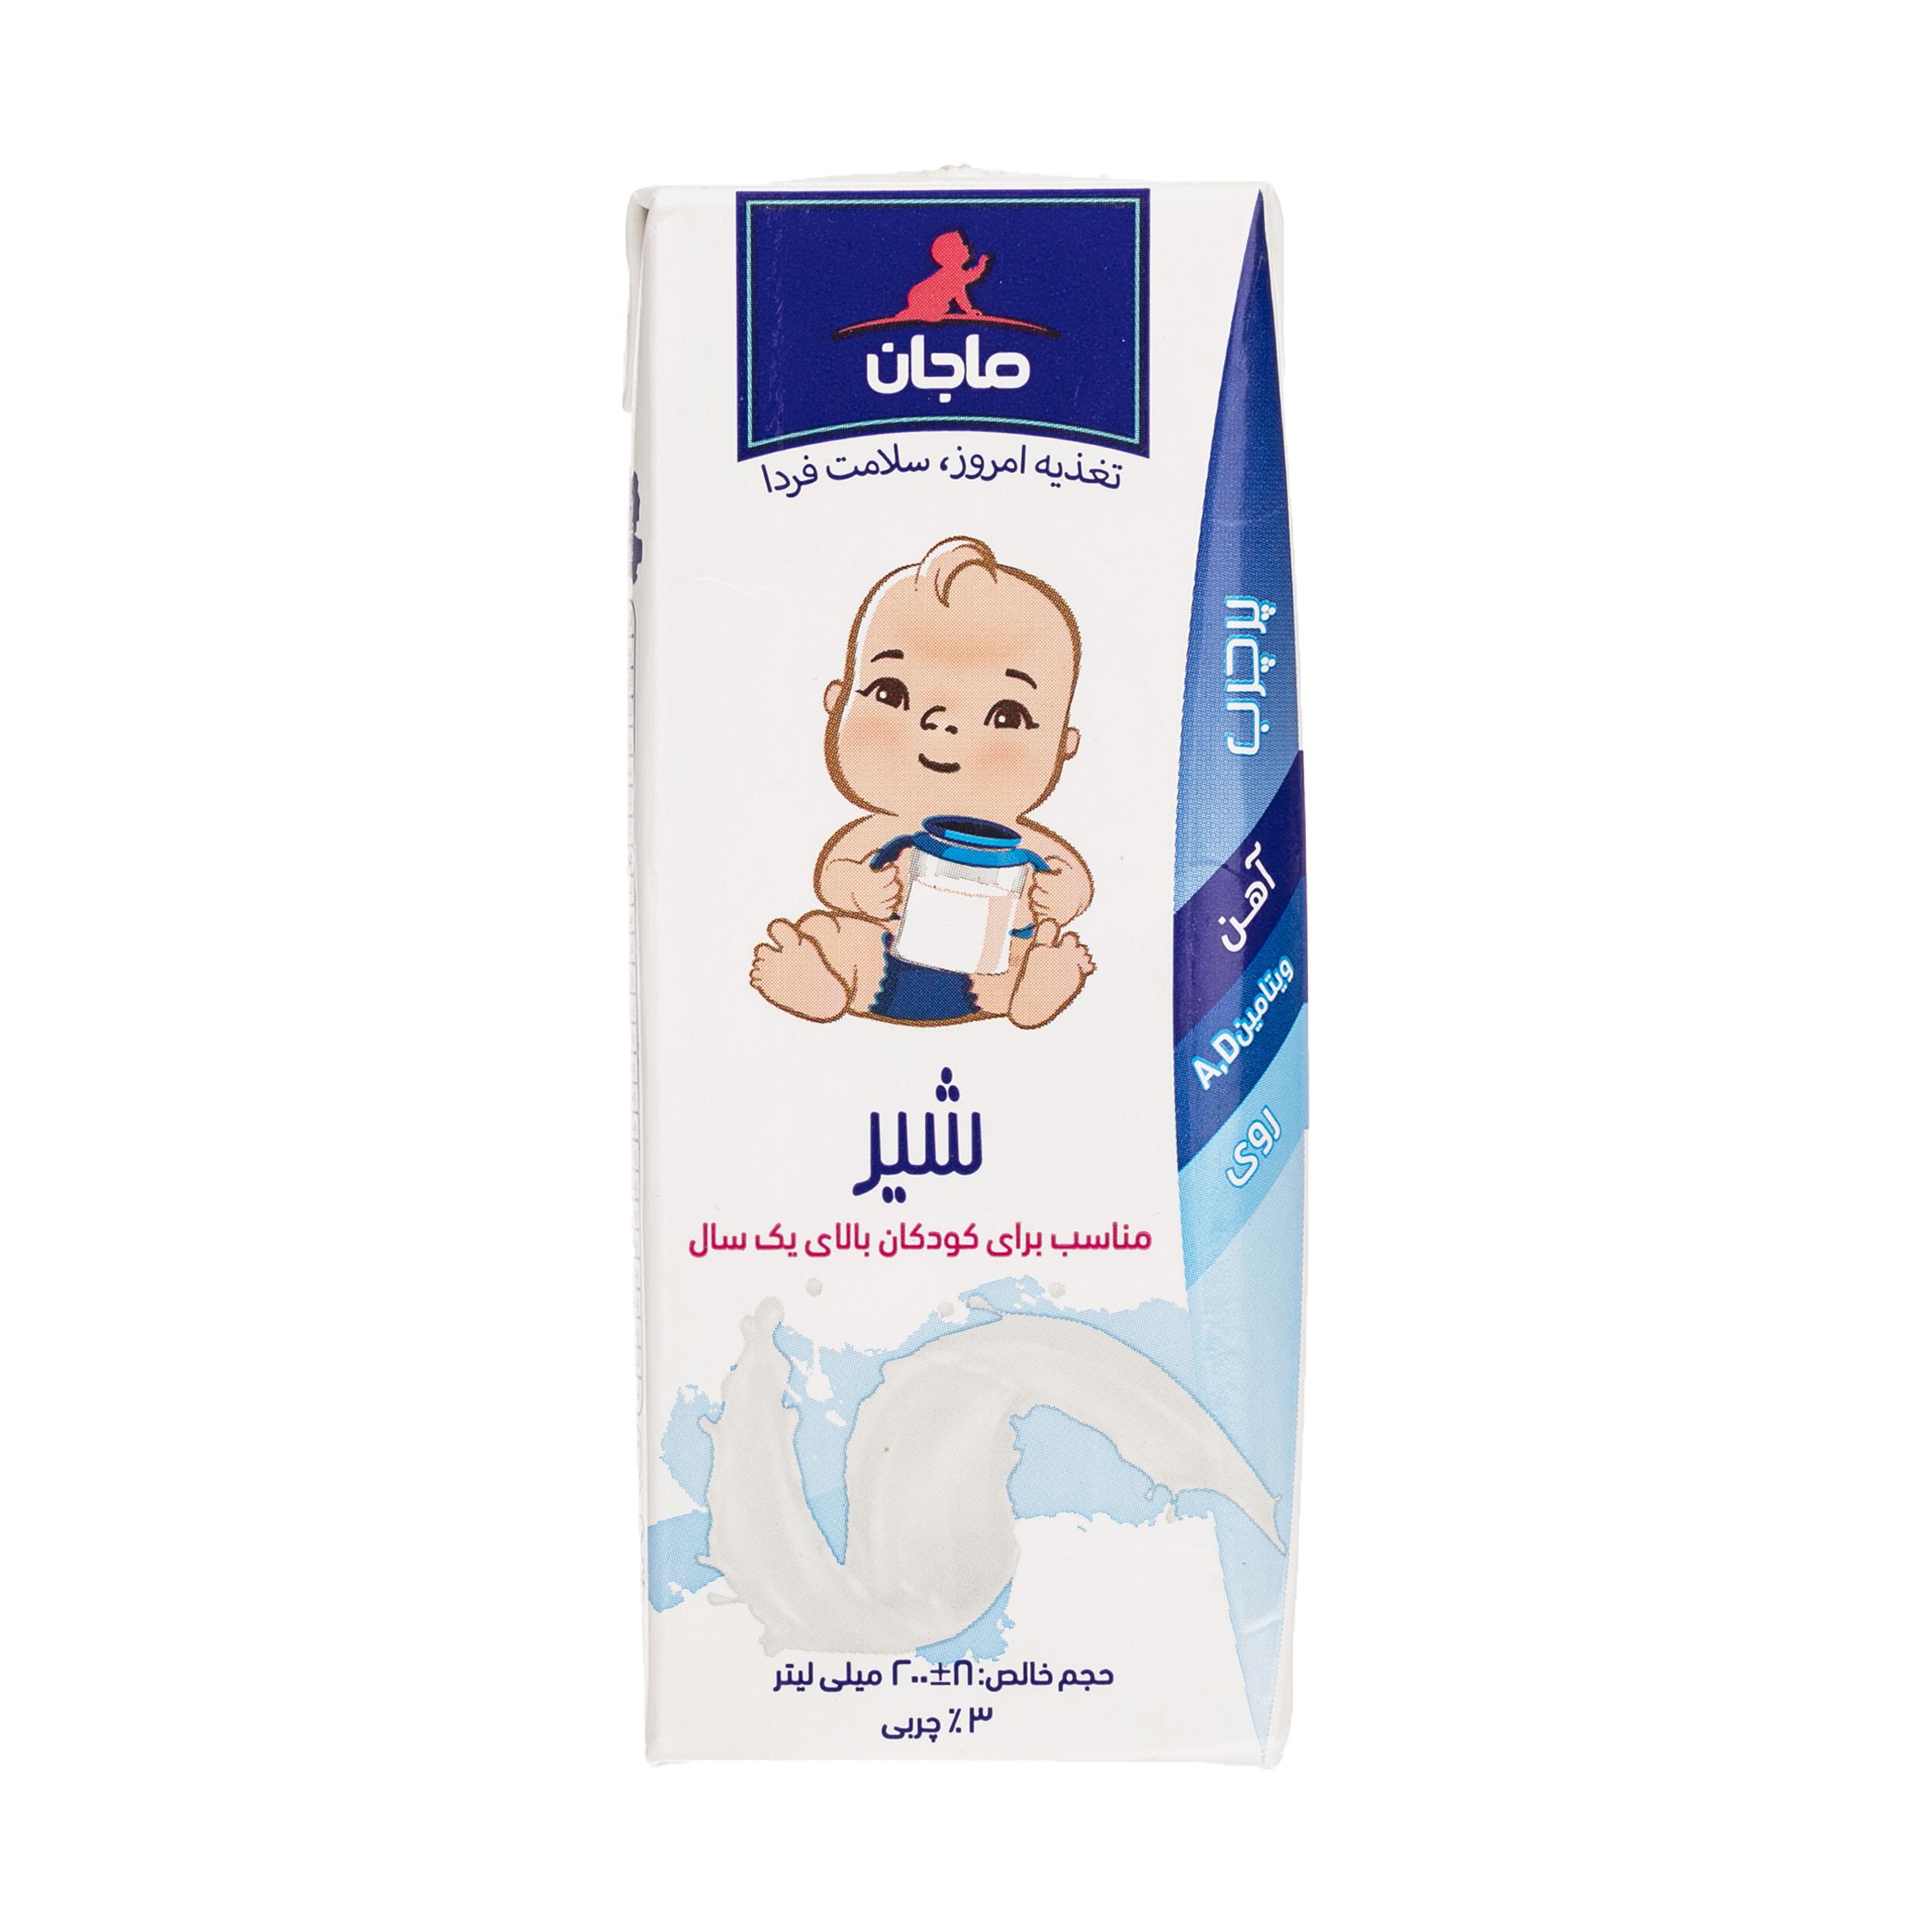 شیر پر چرب غنی شده ماجان کاله – 0.2 لیتر